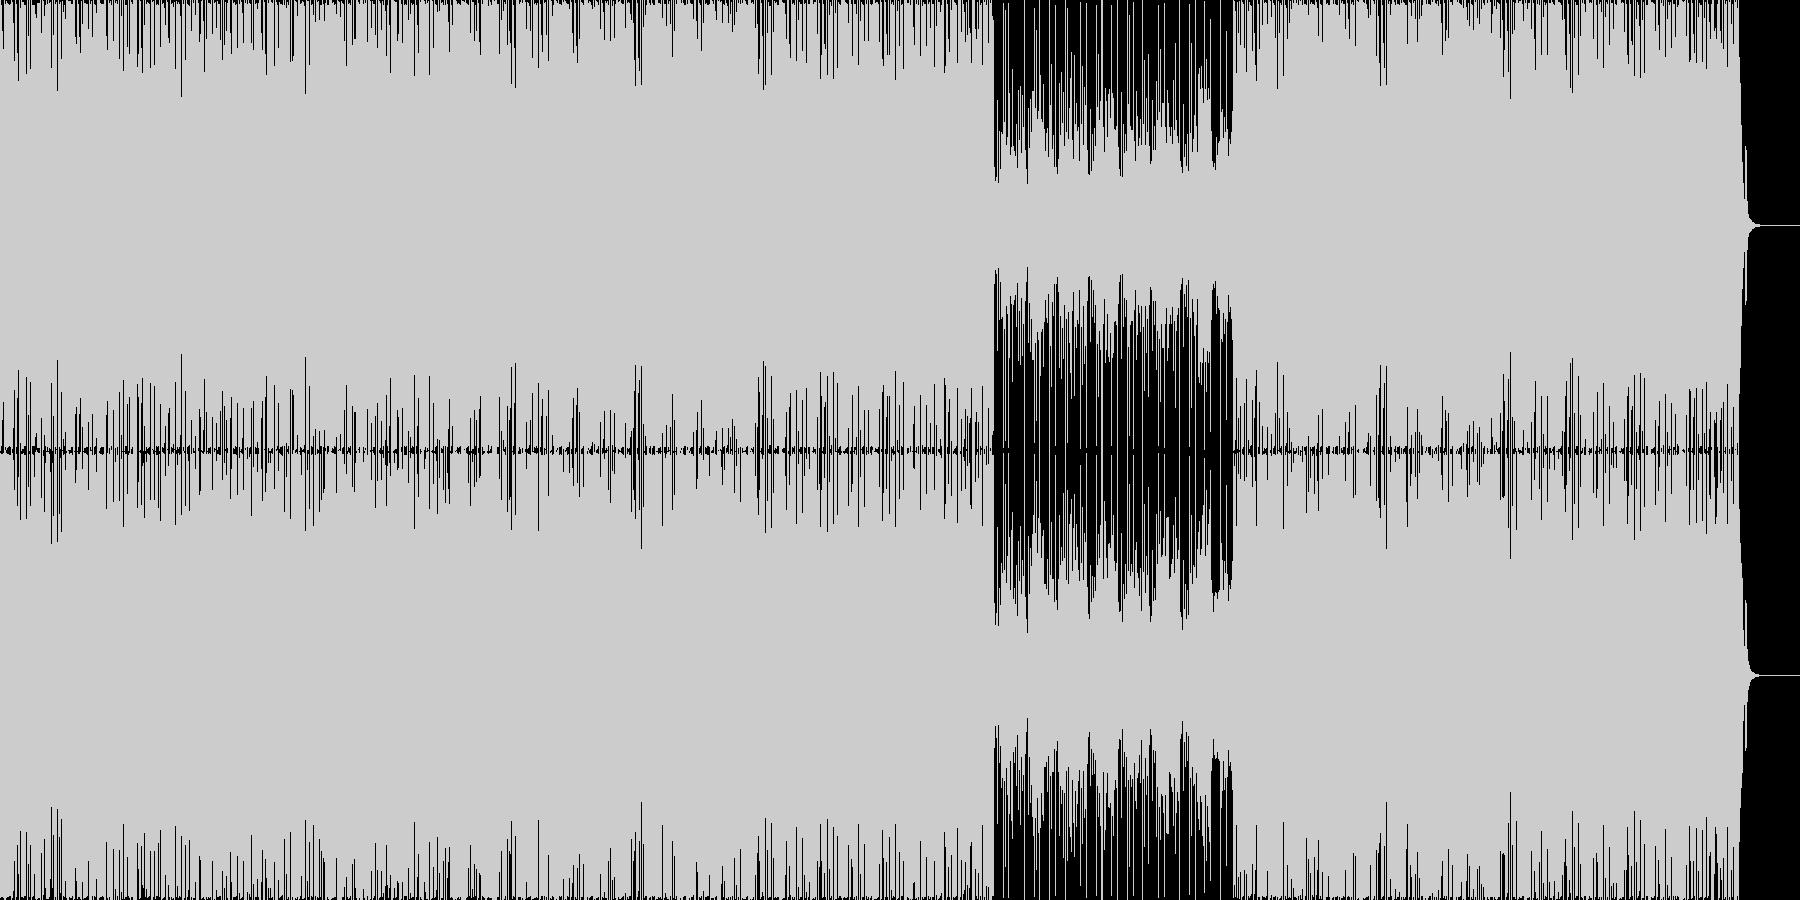 マリンバの旋律ほのぼのとしたEDM的な曲の未再生の波形